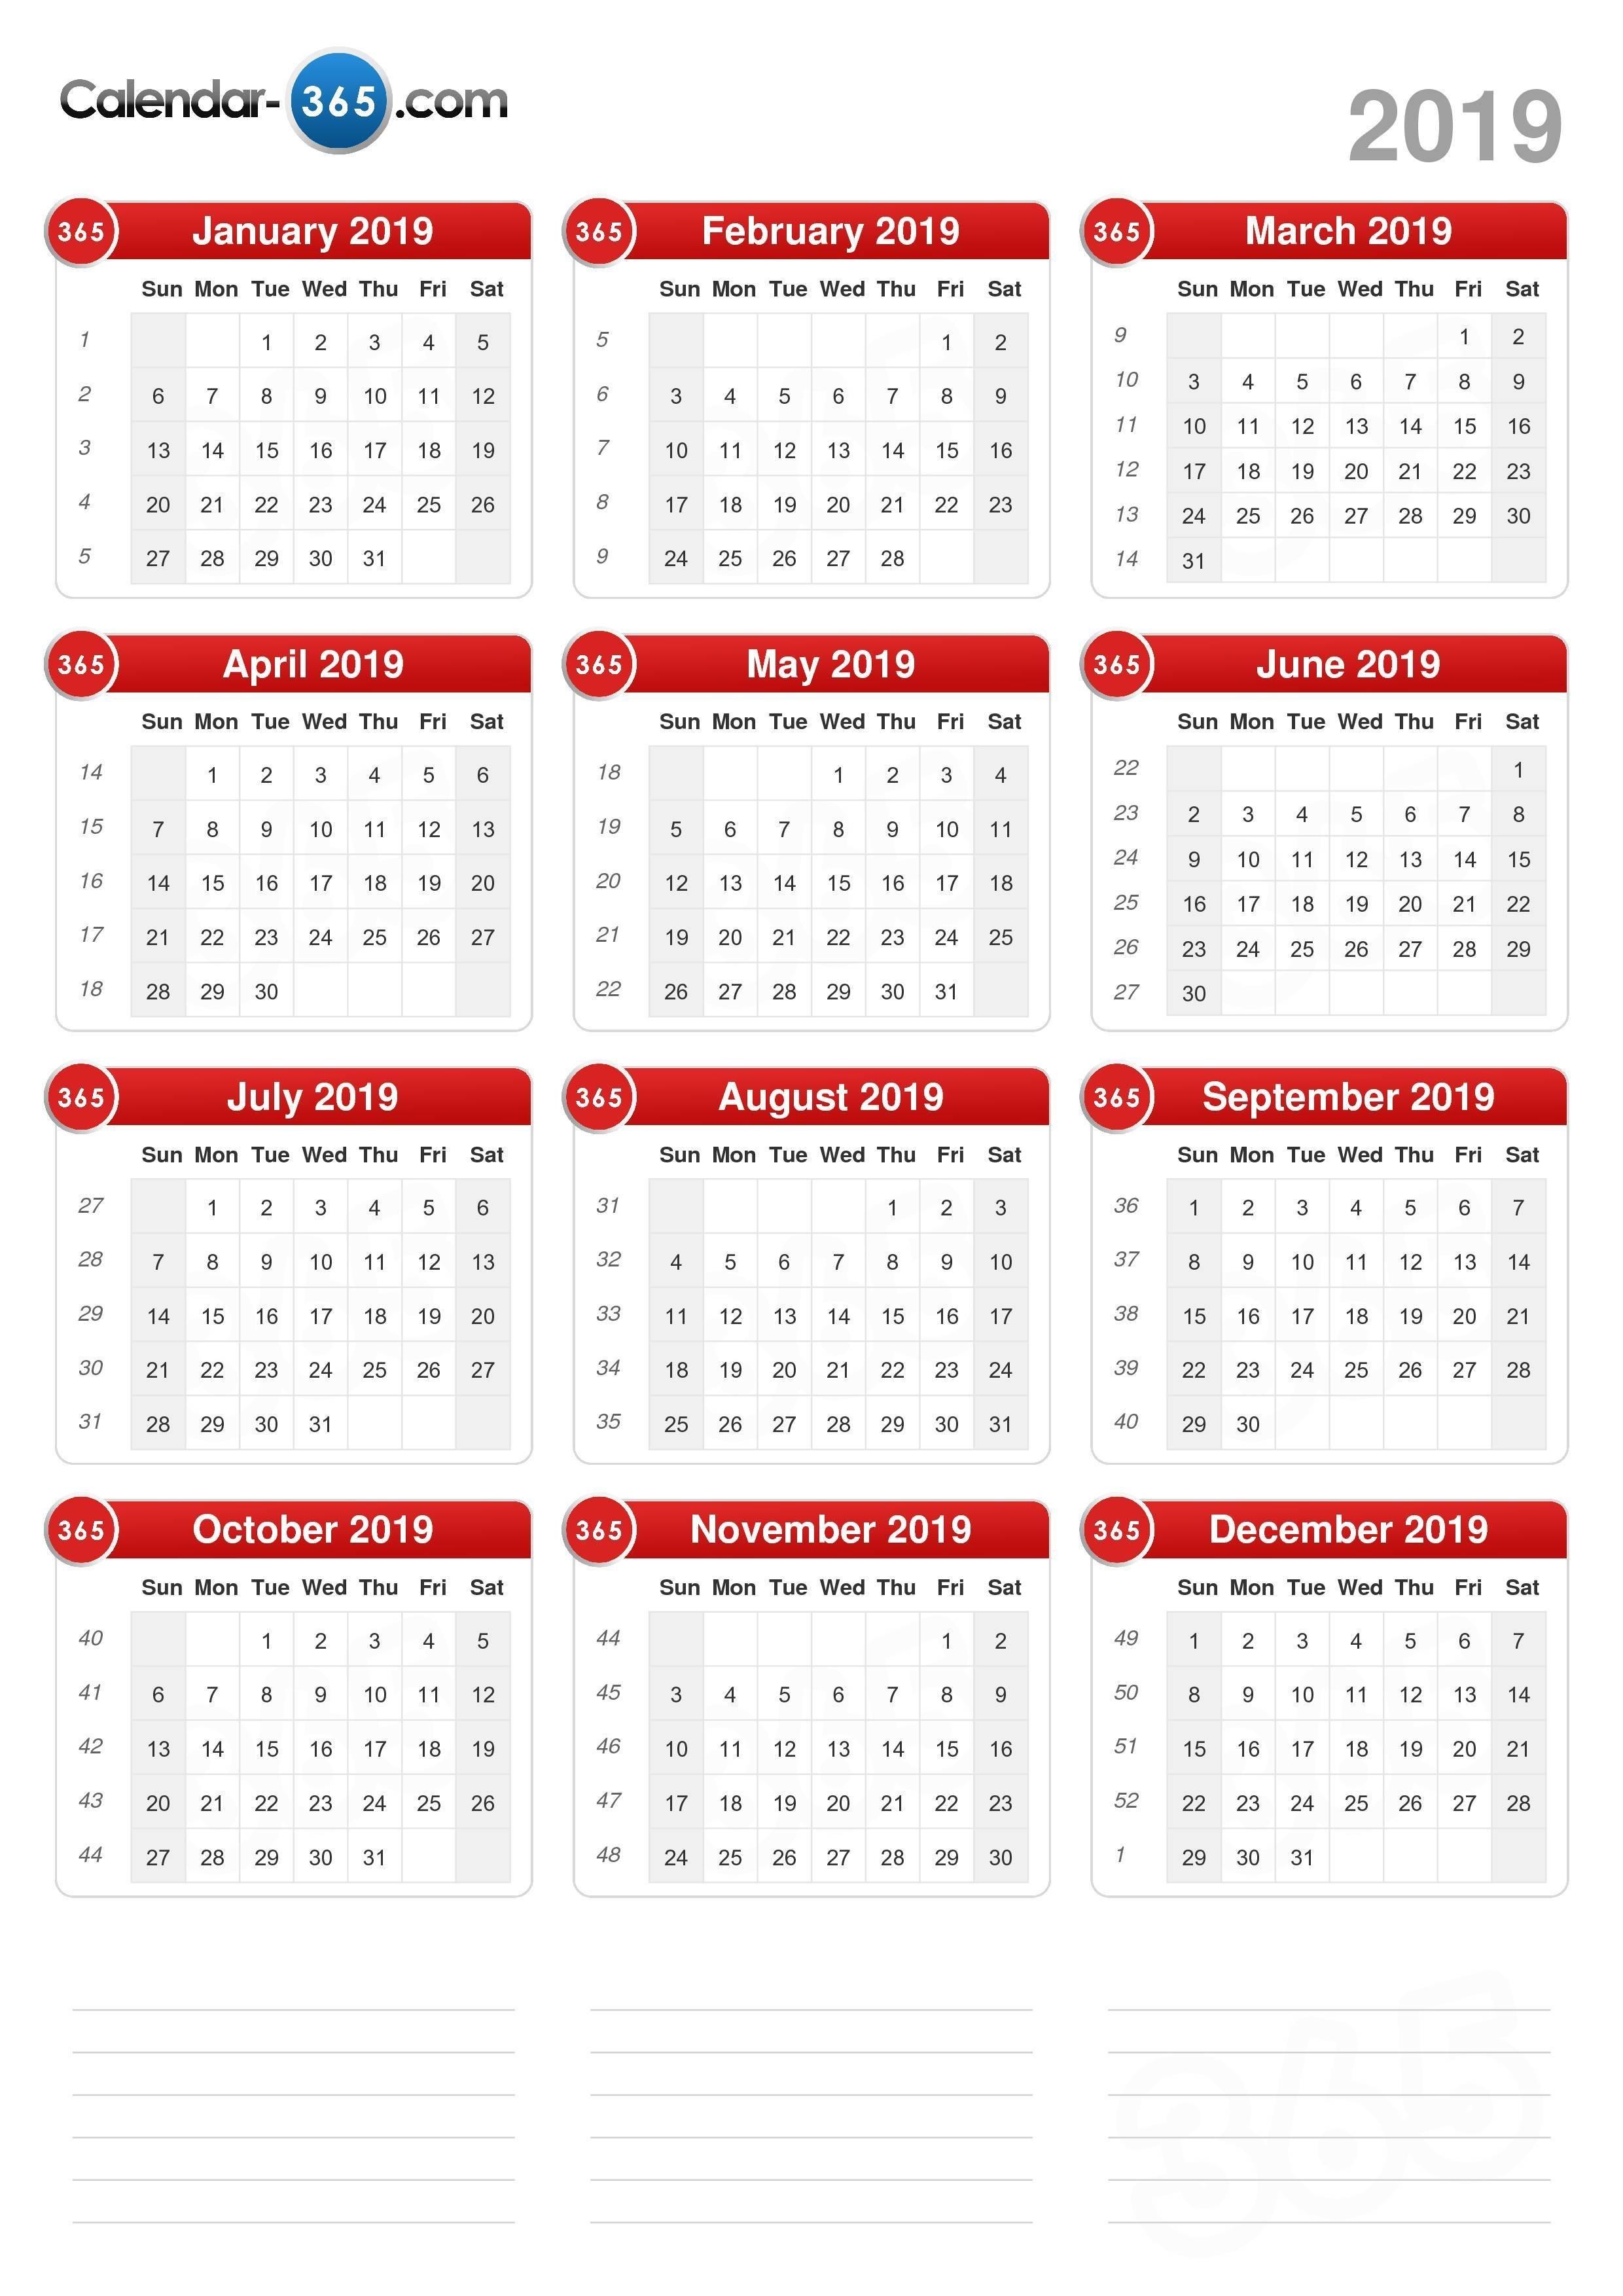 2019 Calendar Week 8 Calendar 2019